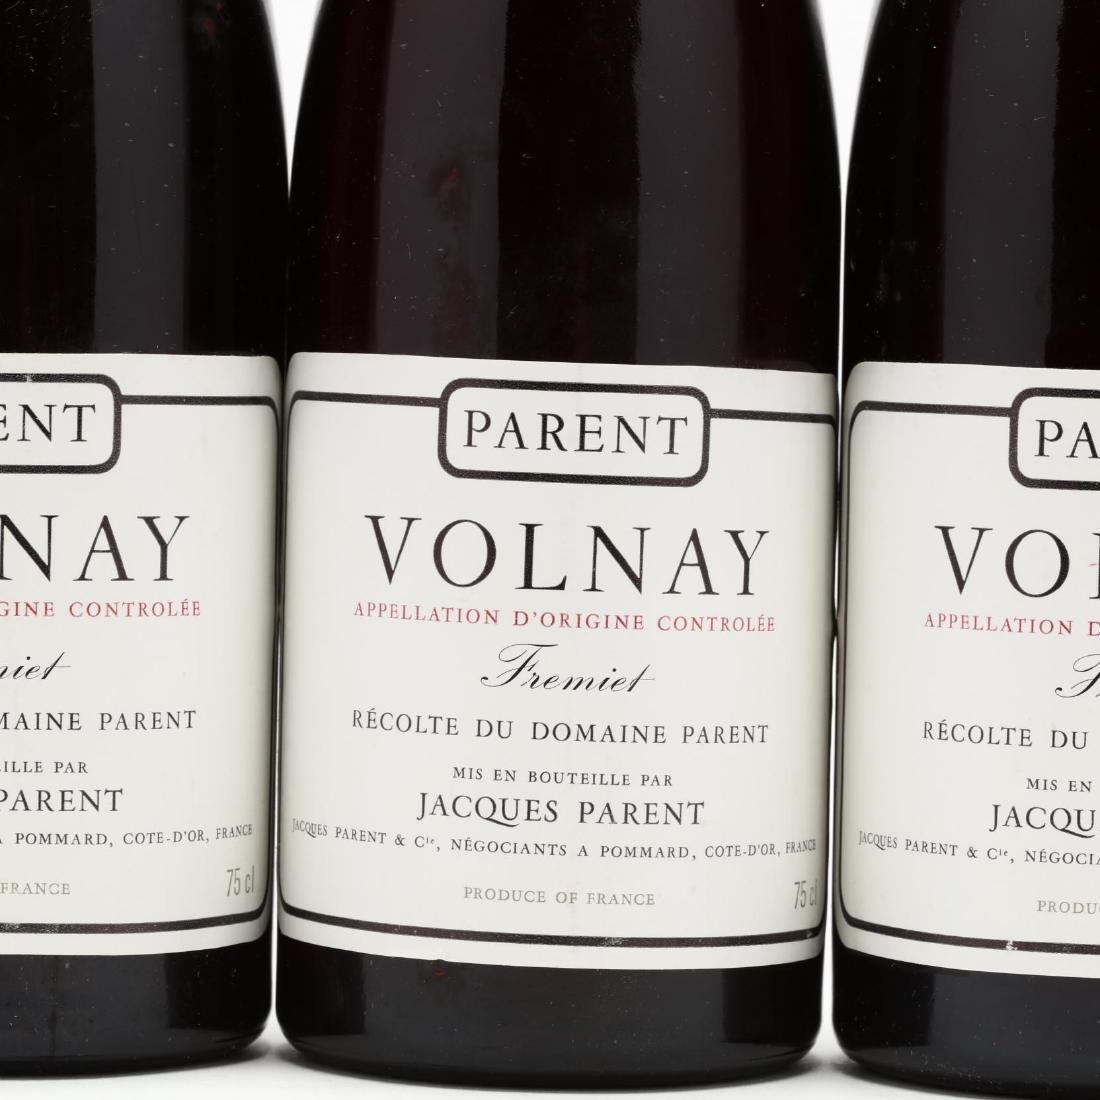 Volnay - Vintage 1983 - 2